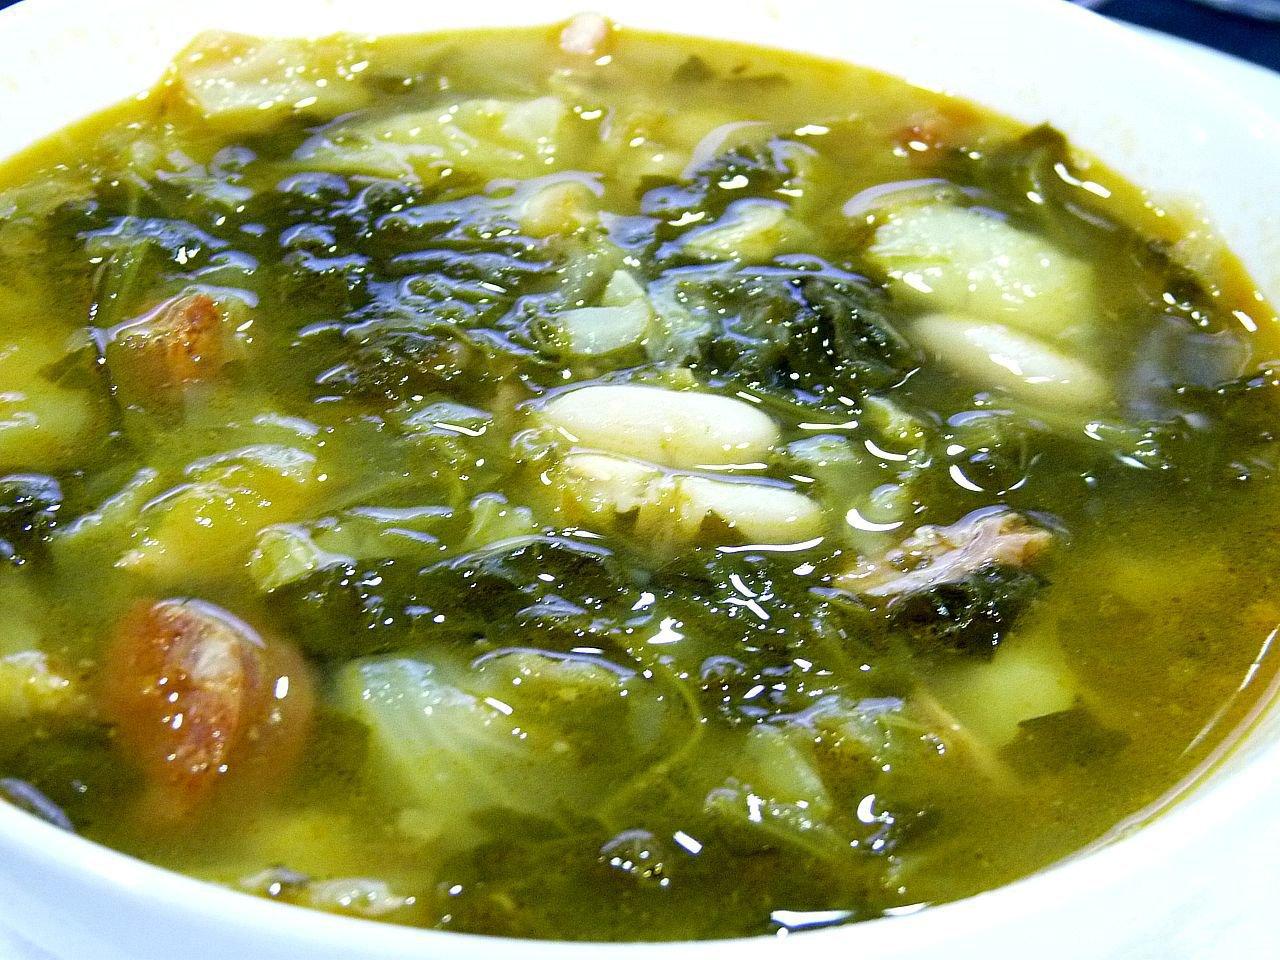 receta caldo de pollo mexicano: gazetalokalna.pl/rs232-como-hacer-caldo-de-pollo-roo